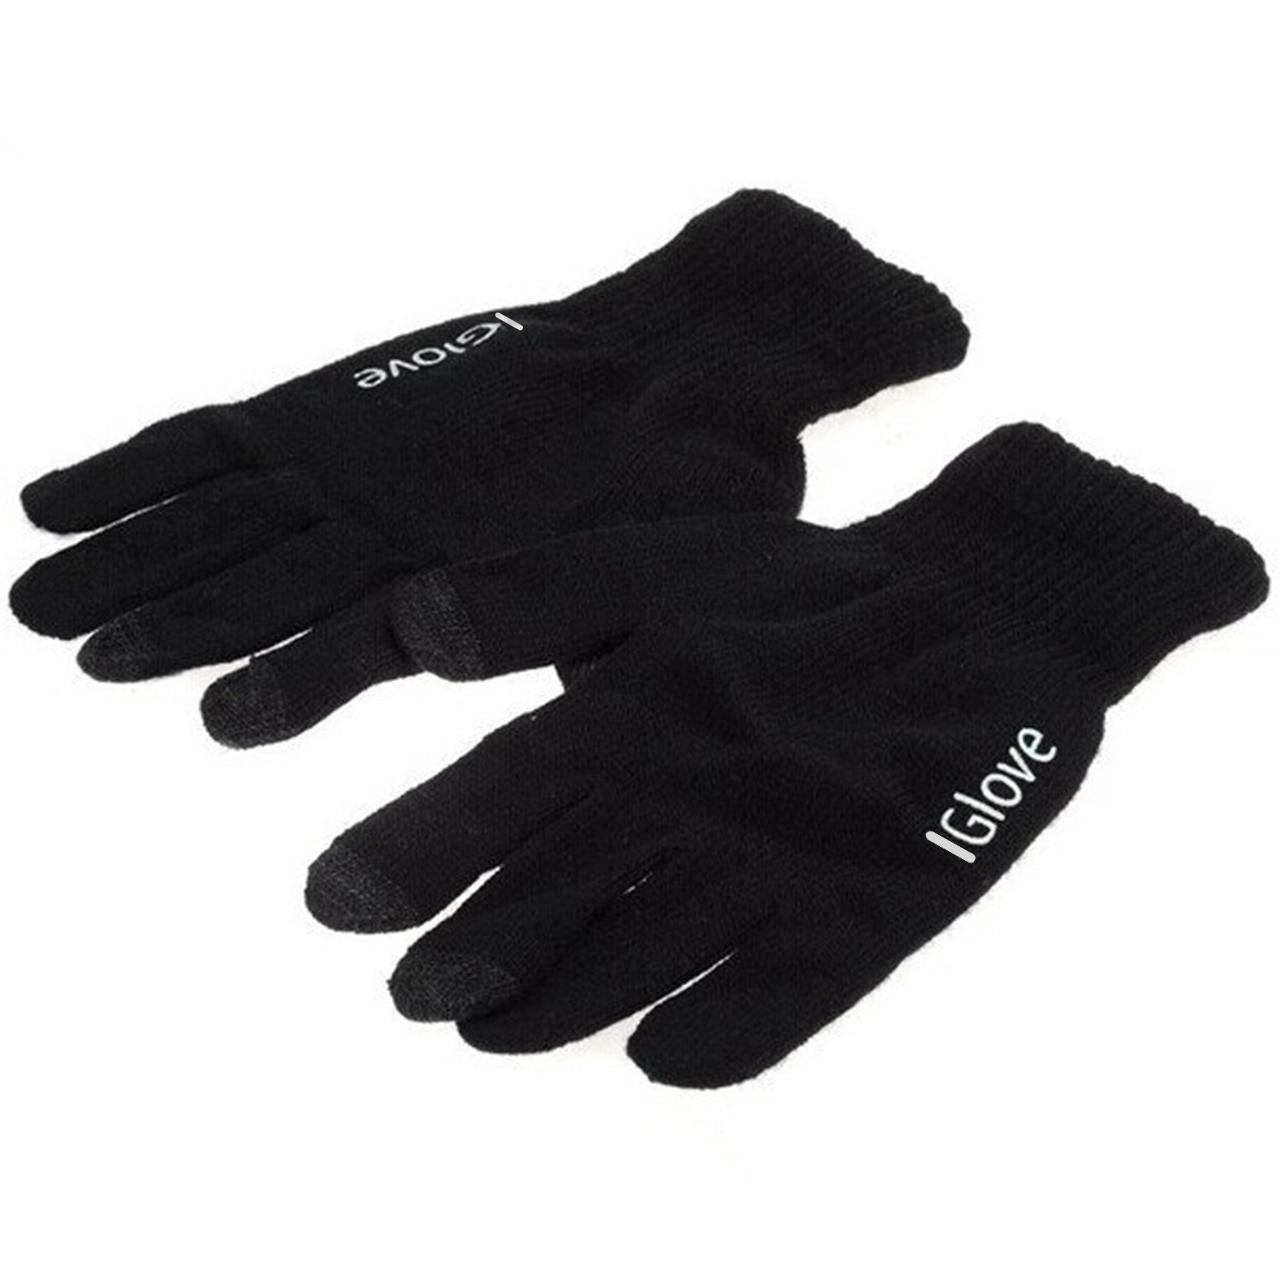 Рукавички iGlove для сенсорних екранів Black (3571-10426)